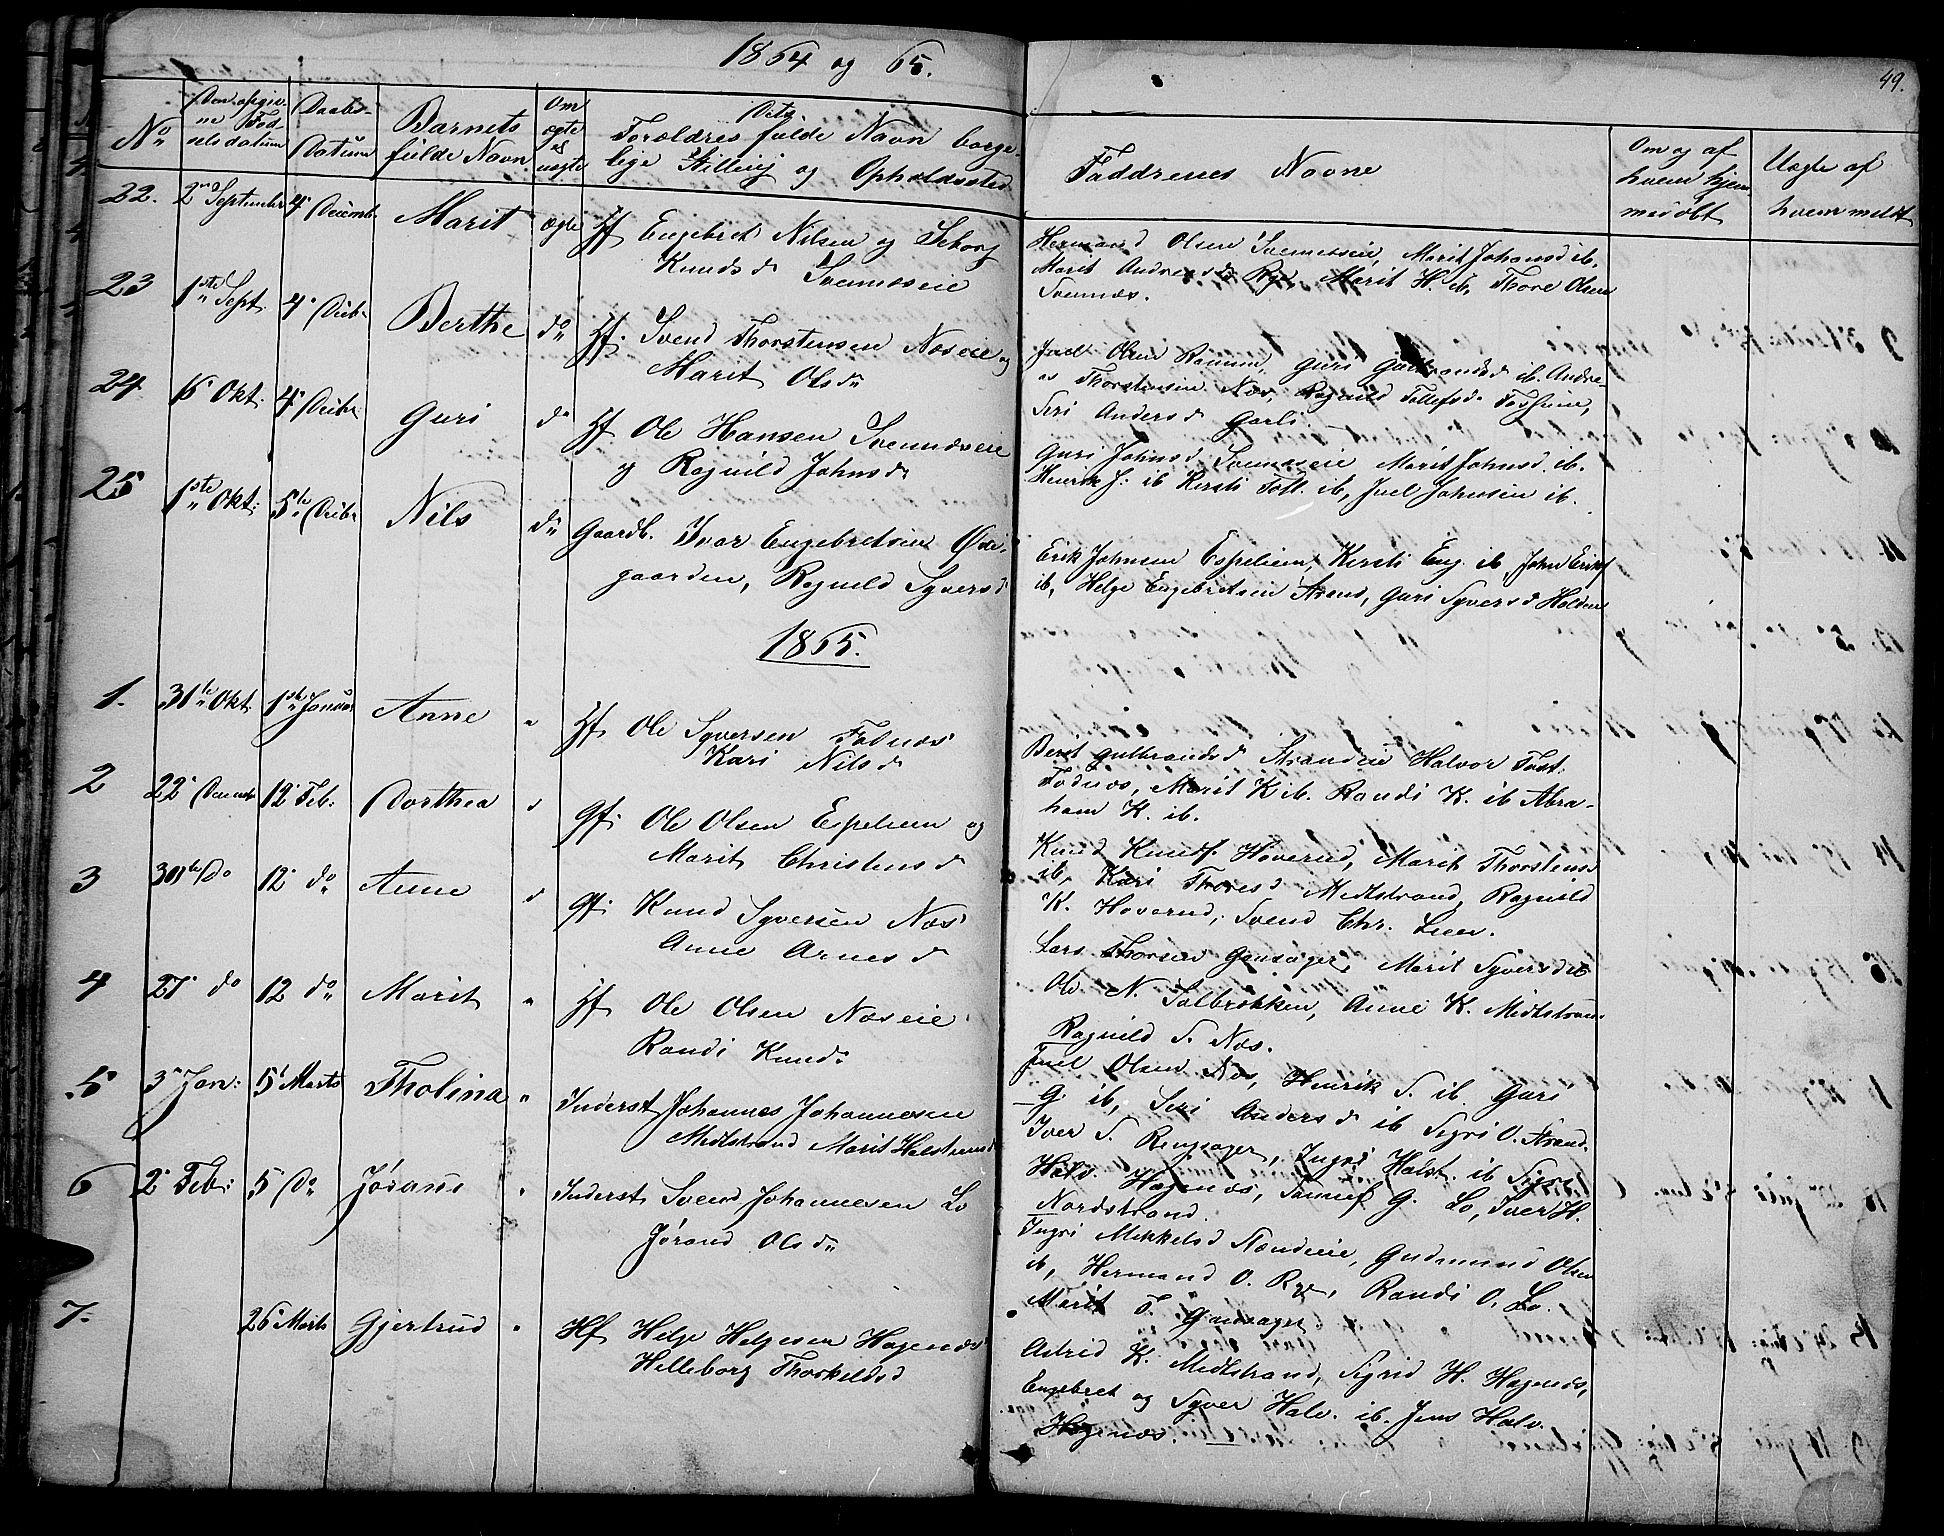 SAH, Nord-Aurdal prestekontor, Klokkerbok nr. 3, 1842-1882, s. 49